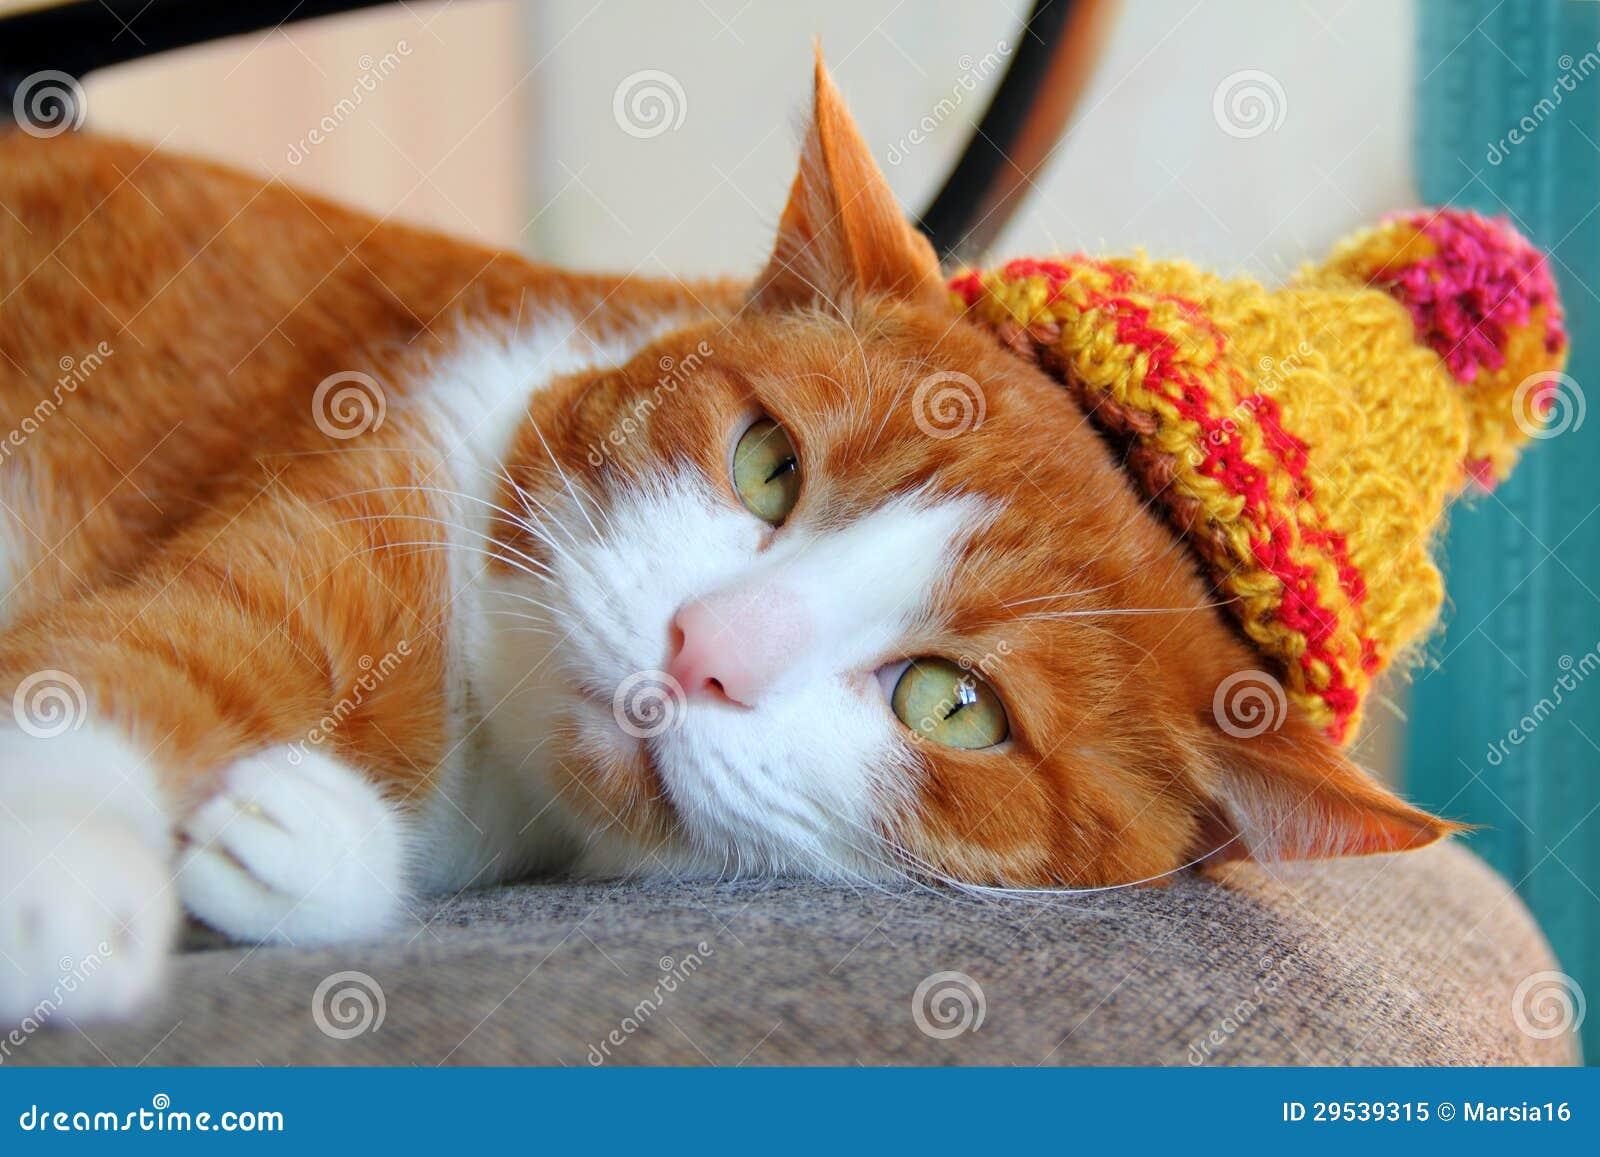 Cute cat in a knitted hat